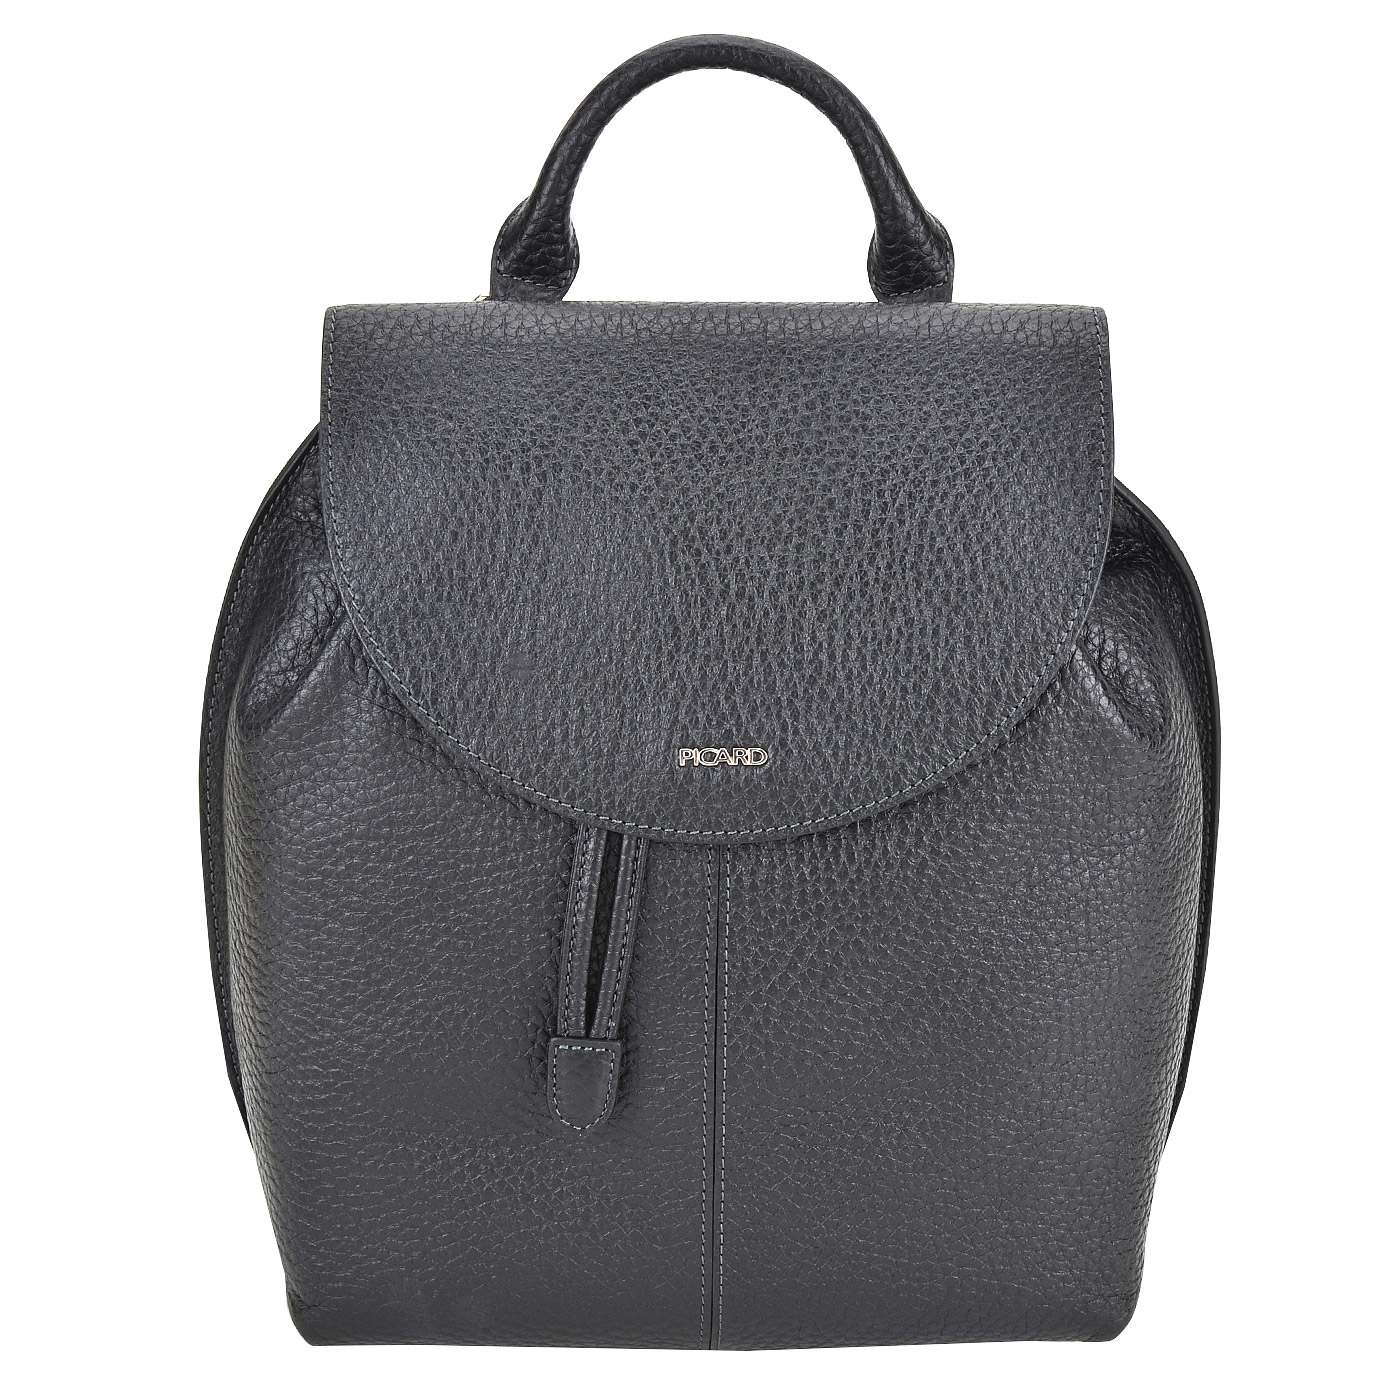 Женский кожаный рюкзак Picard Astana 8030 1D1 schwarz ... 35da3253e86